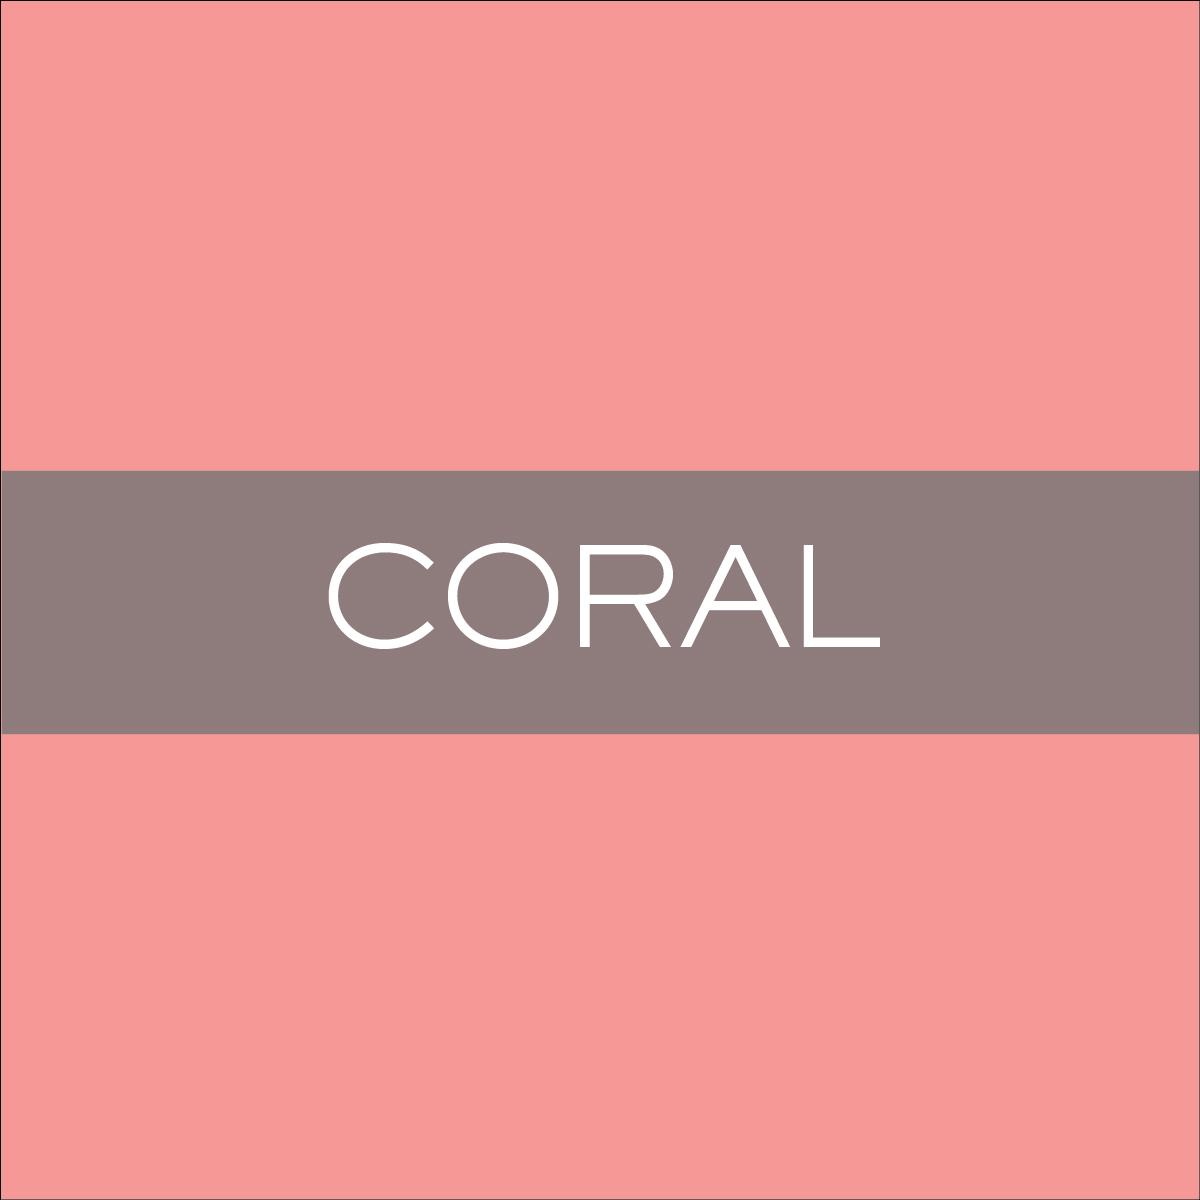 INK_Coral.jpg